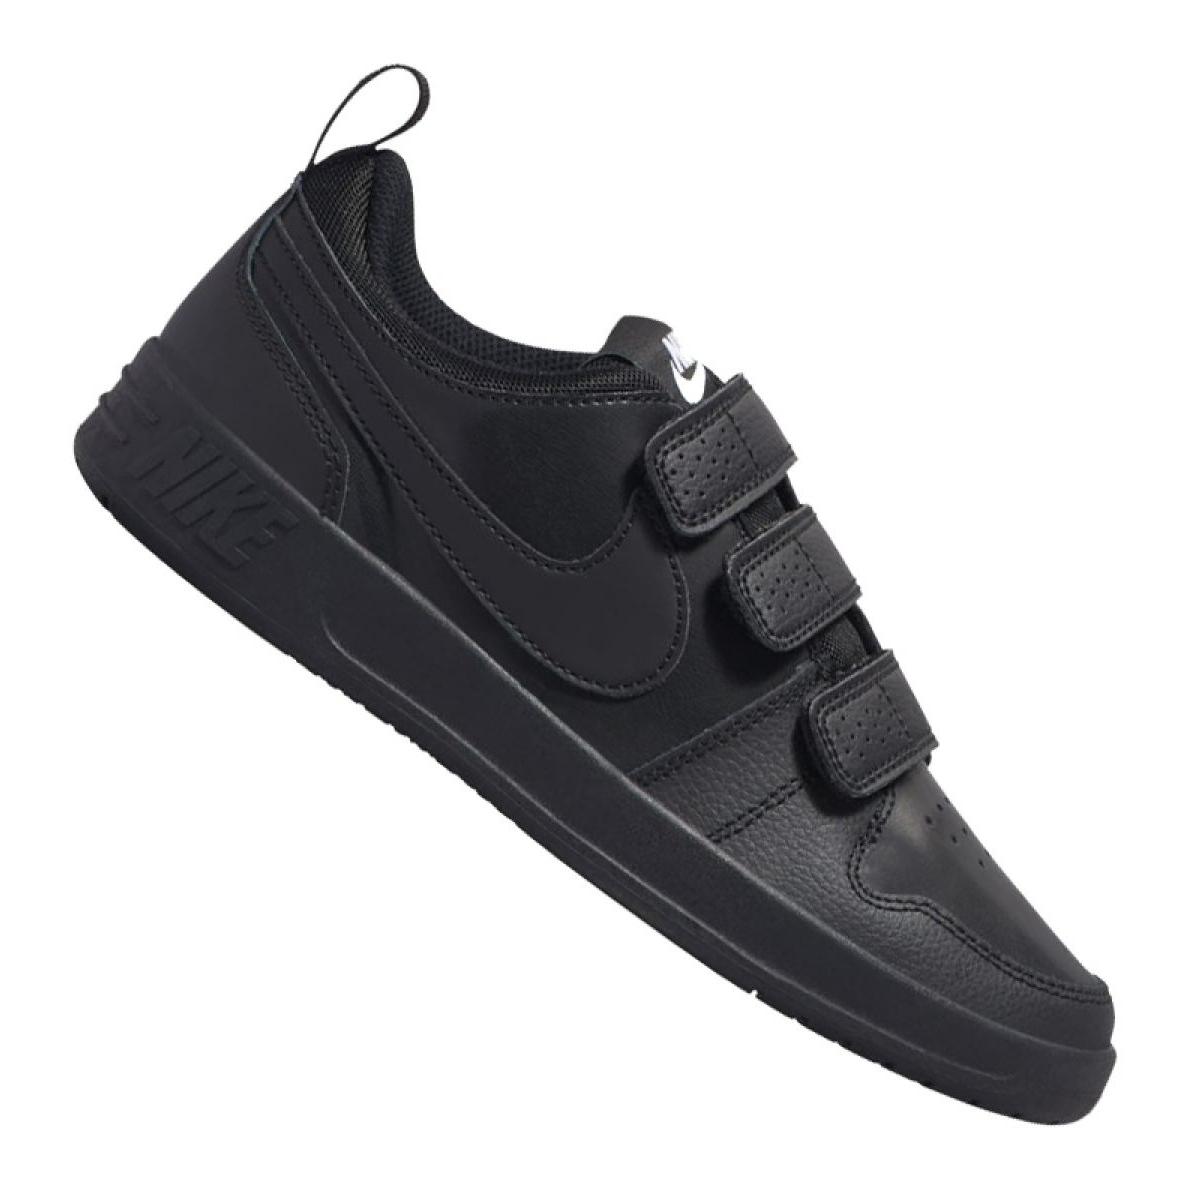 Nike Pico 5 Gs Jr CJ7199 001 cipő fekete